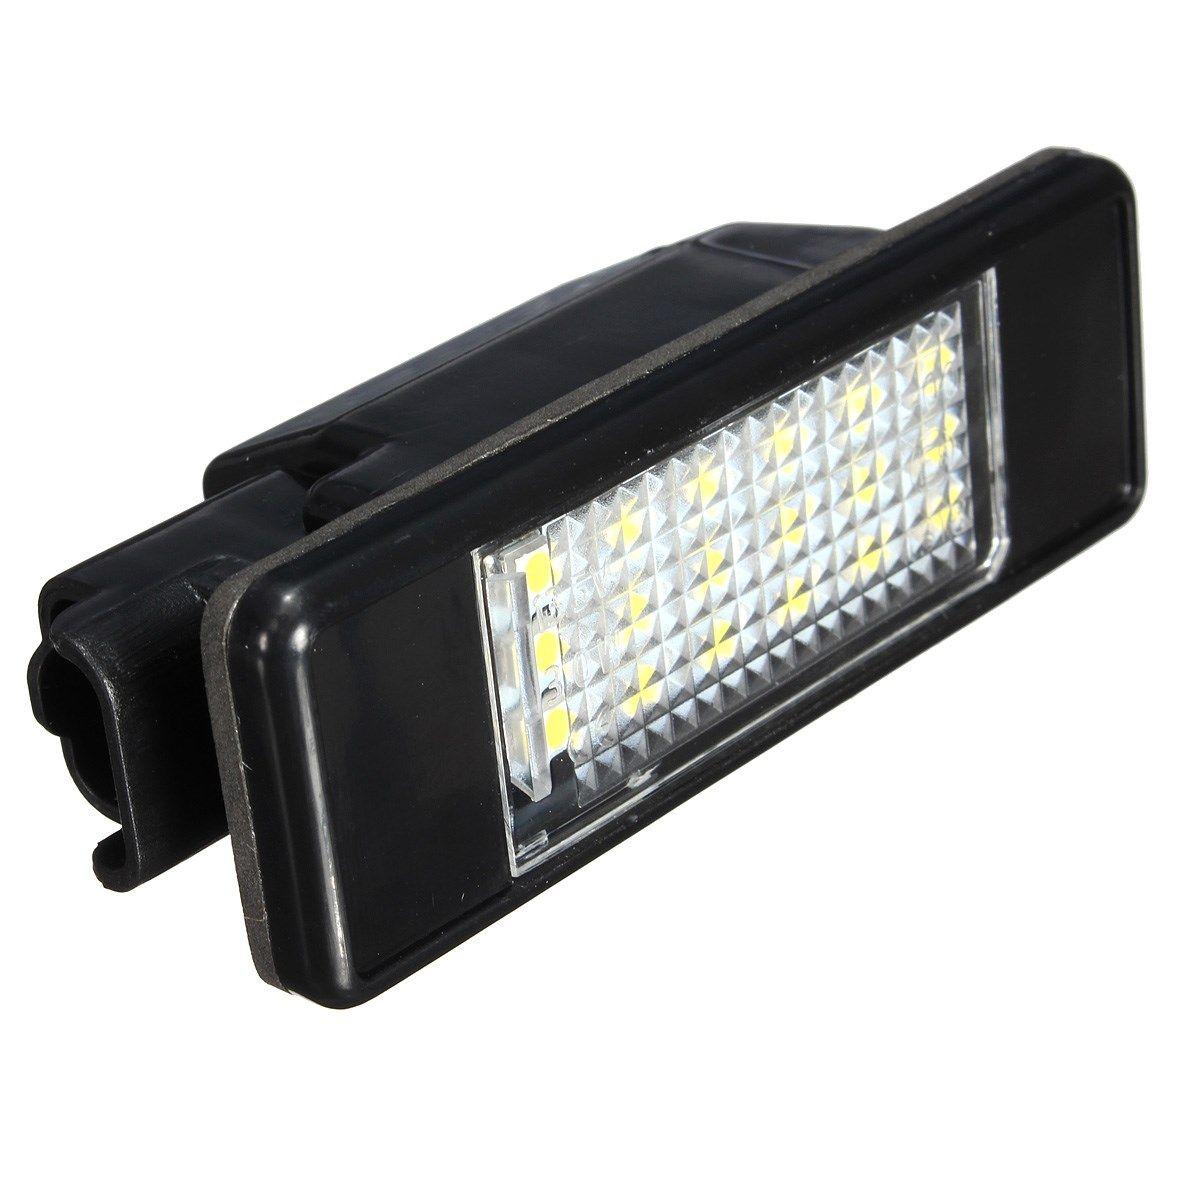 2 x LED SMD Kennzeichen Licht Für Peugeot 106 207 307 308 406 407 508 Weiß